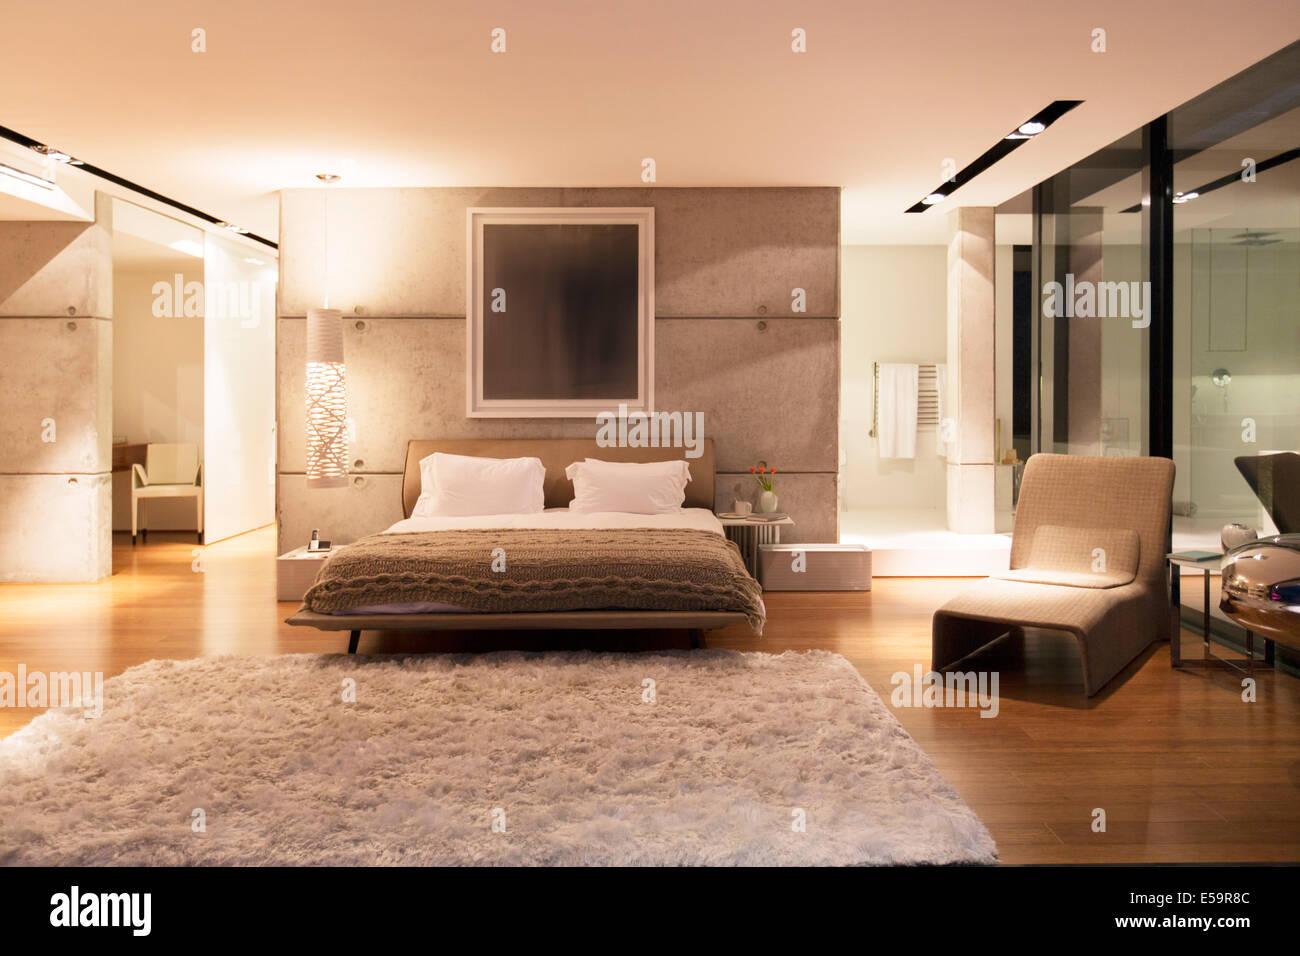 Shag Teppich In Modernen Schlafzimmer Stockfoto Bild 72130588 Alamy